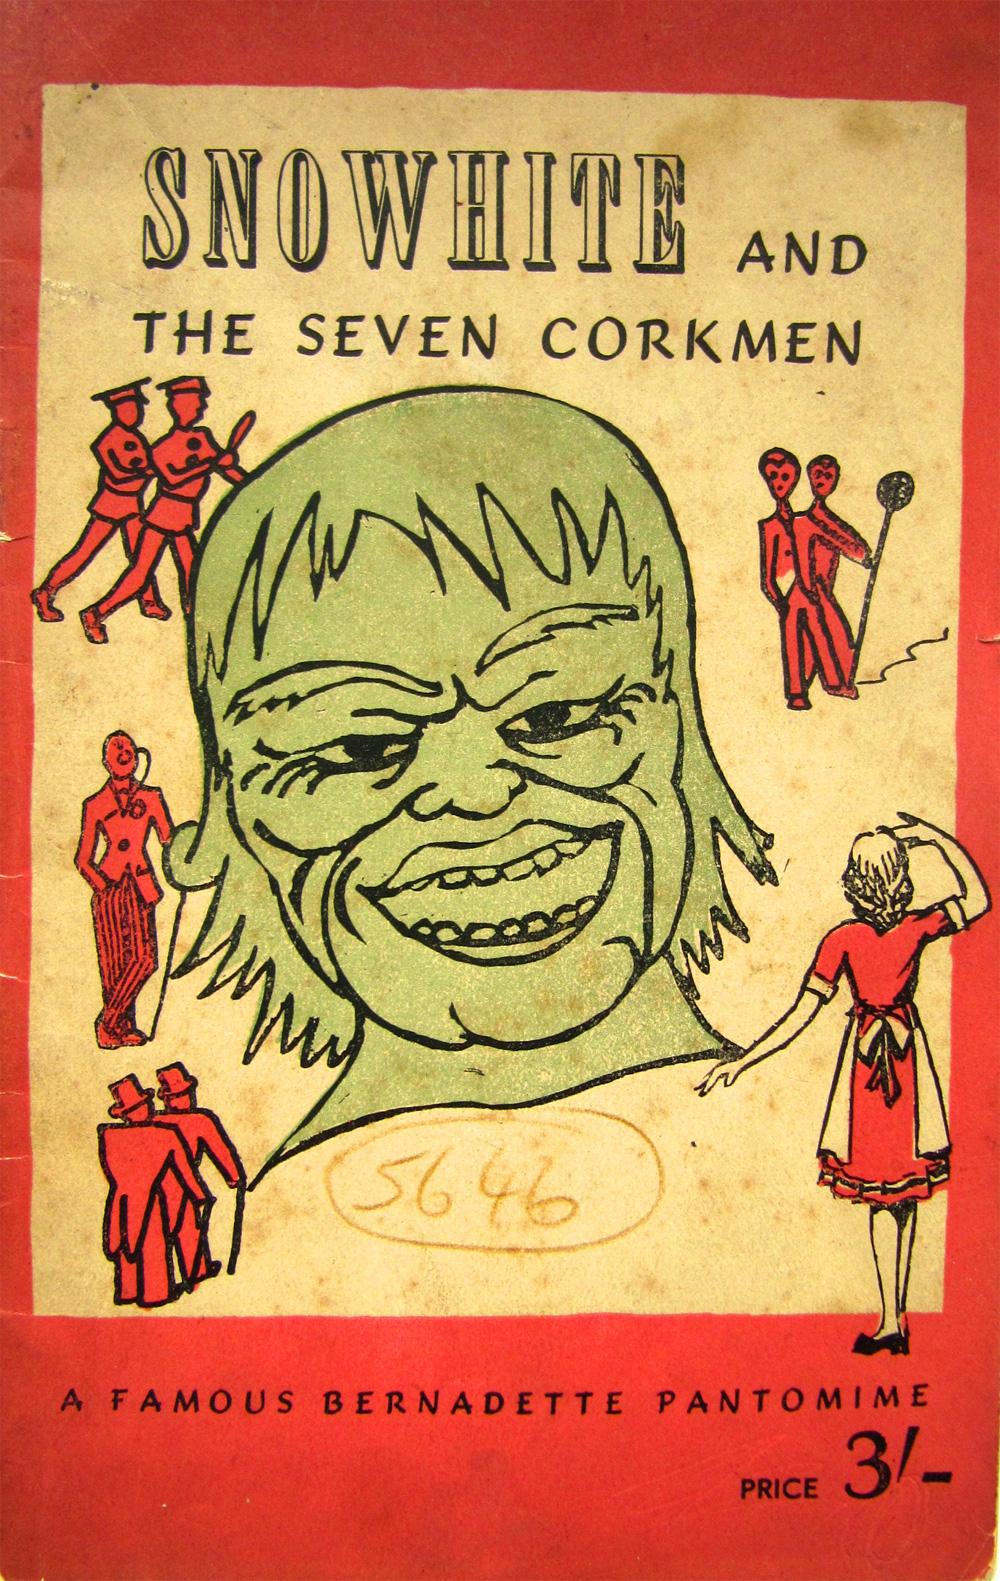 Snowhite and the Seven Corkmen